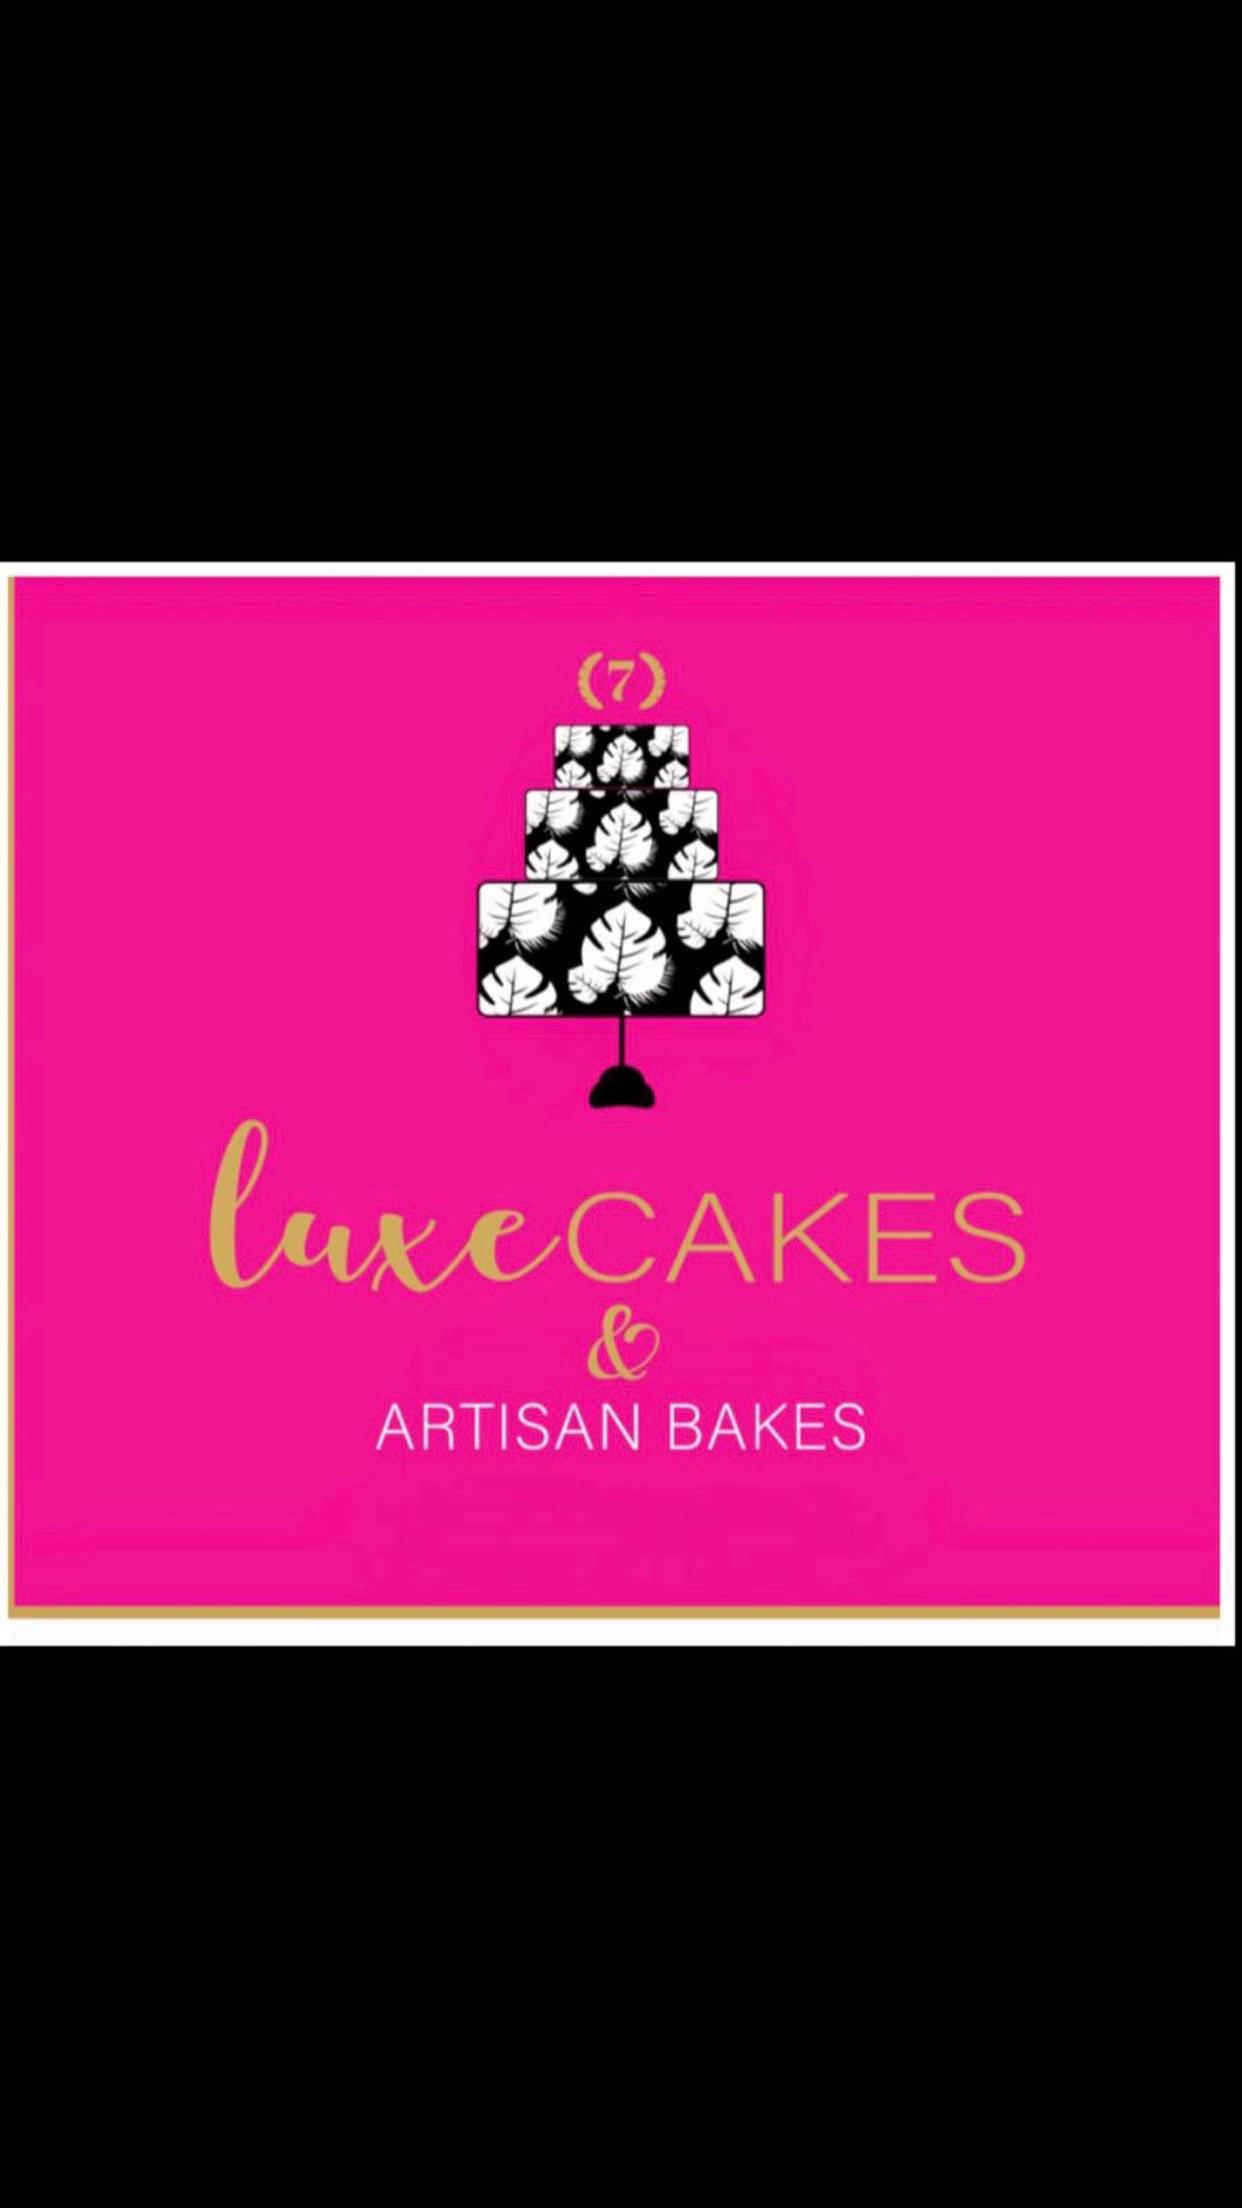 LuxeCakes & Artisan Bakes